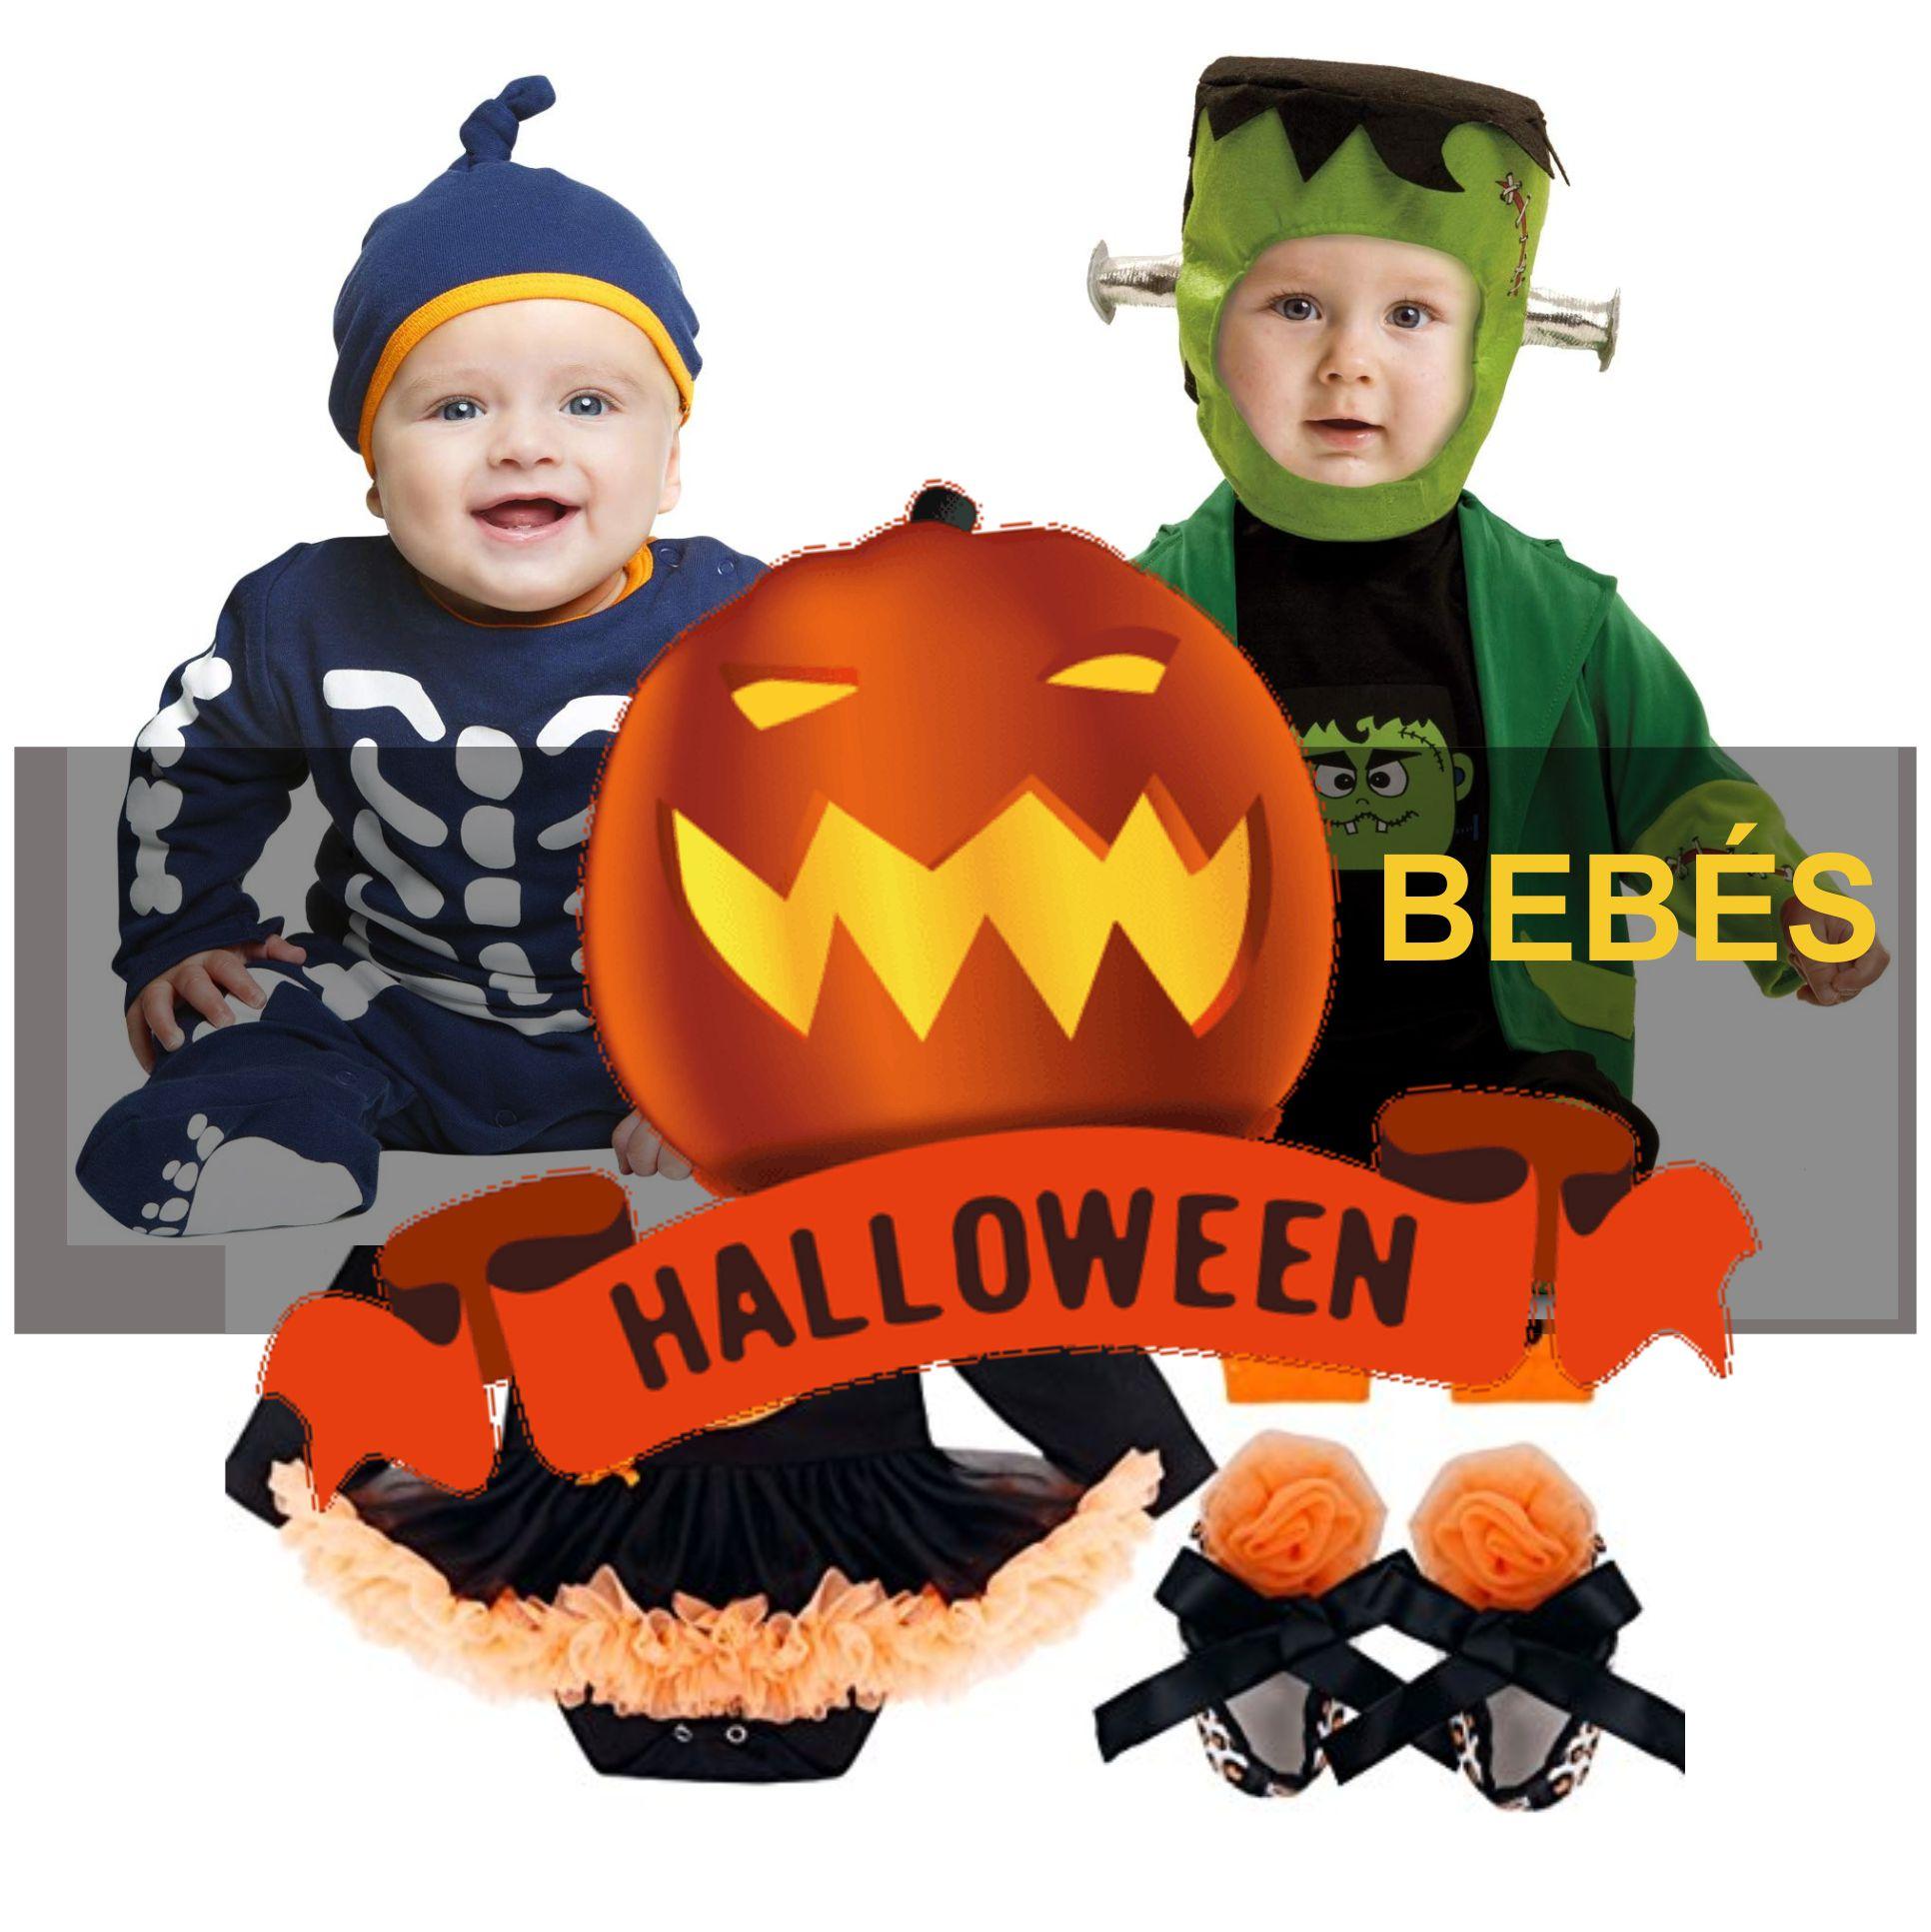 Disfraces originales para bebés y niños pequeños para Halloween 2021